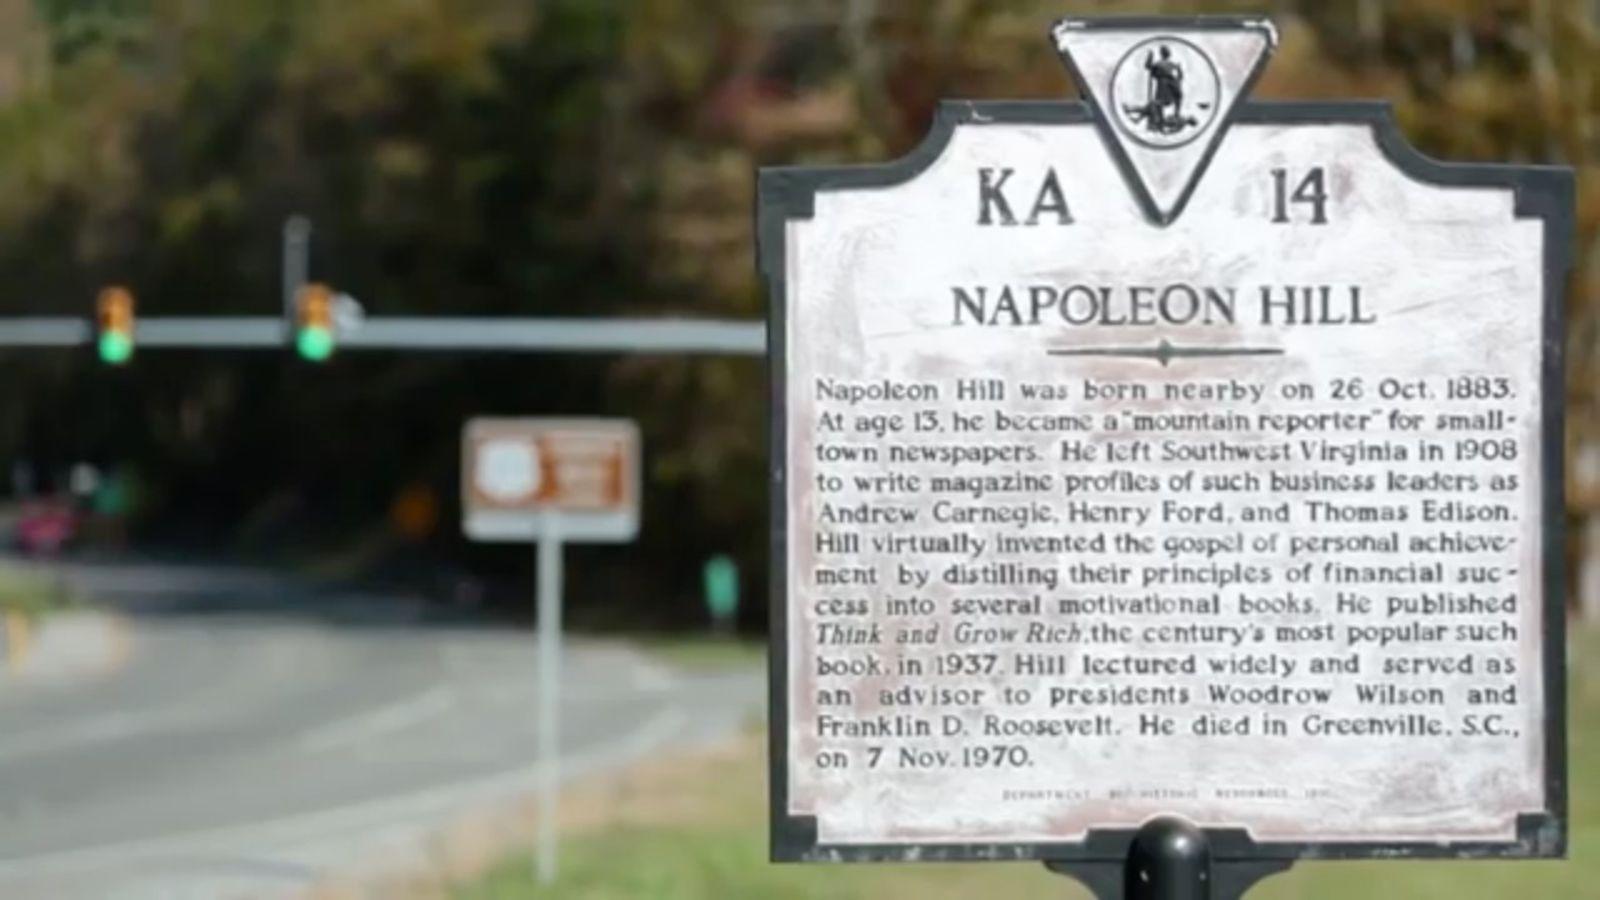 Памятная табличка, посвященная Наполеону Хиллу, в штате Вирджиния.